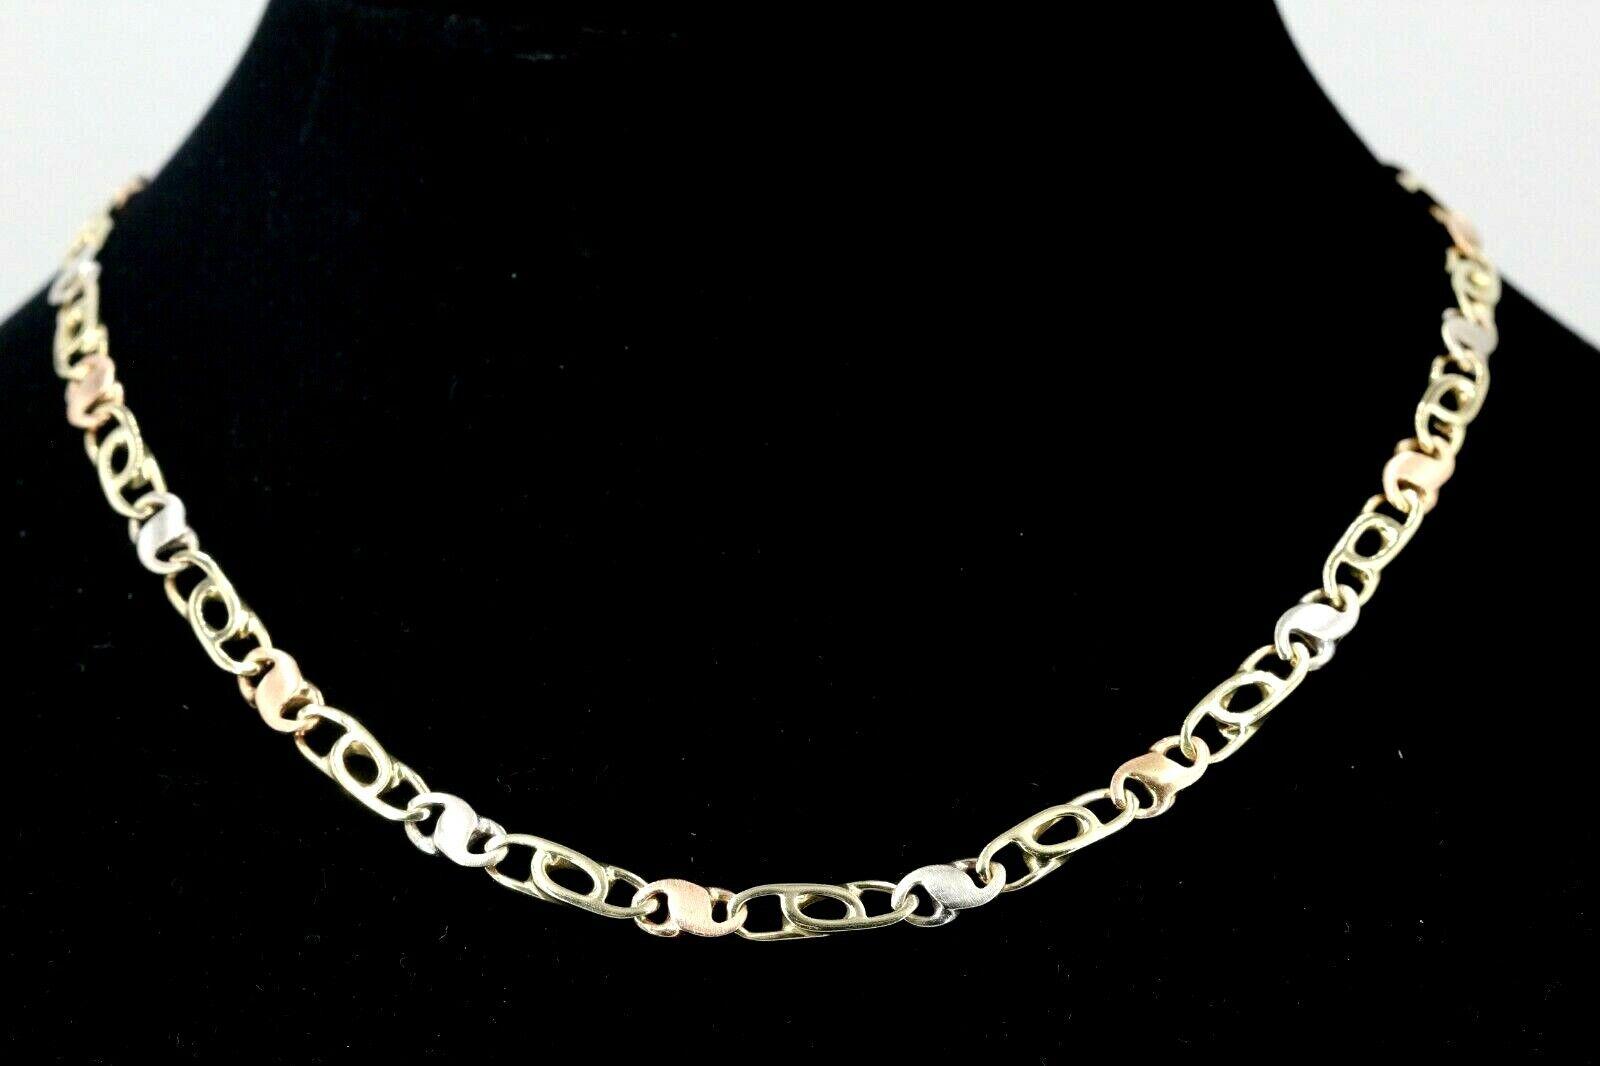 Goldkette 585 Tricolor 14K Länge 42cm Breite 5,0mm Gewicht 21,88g